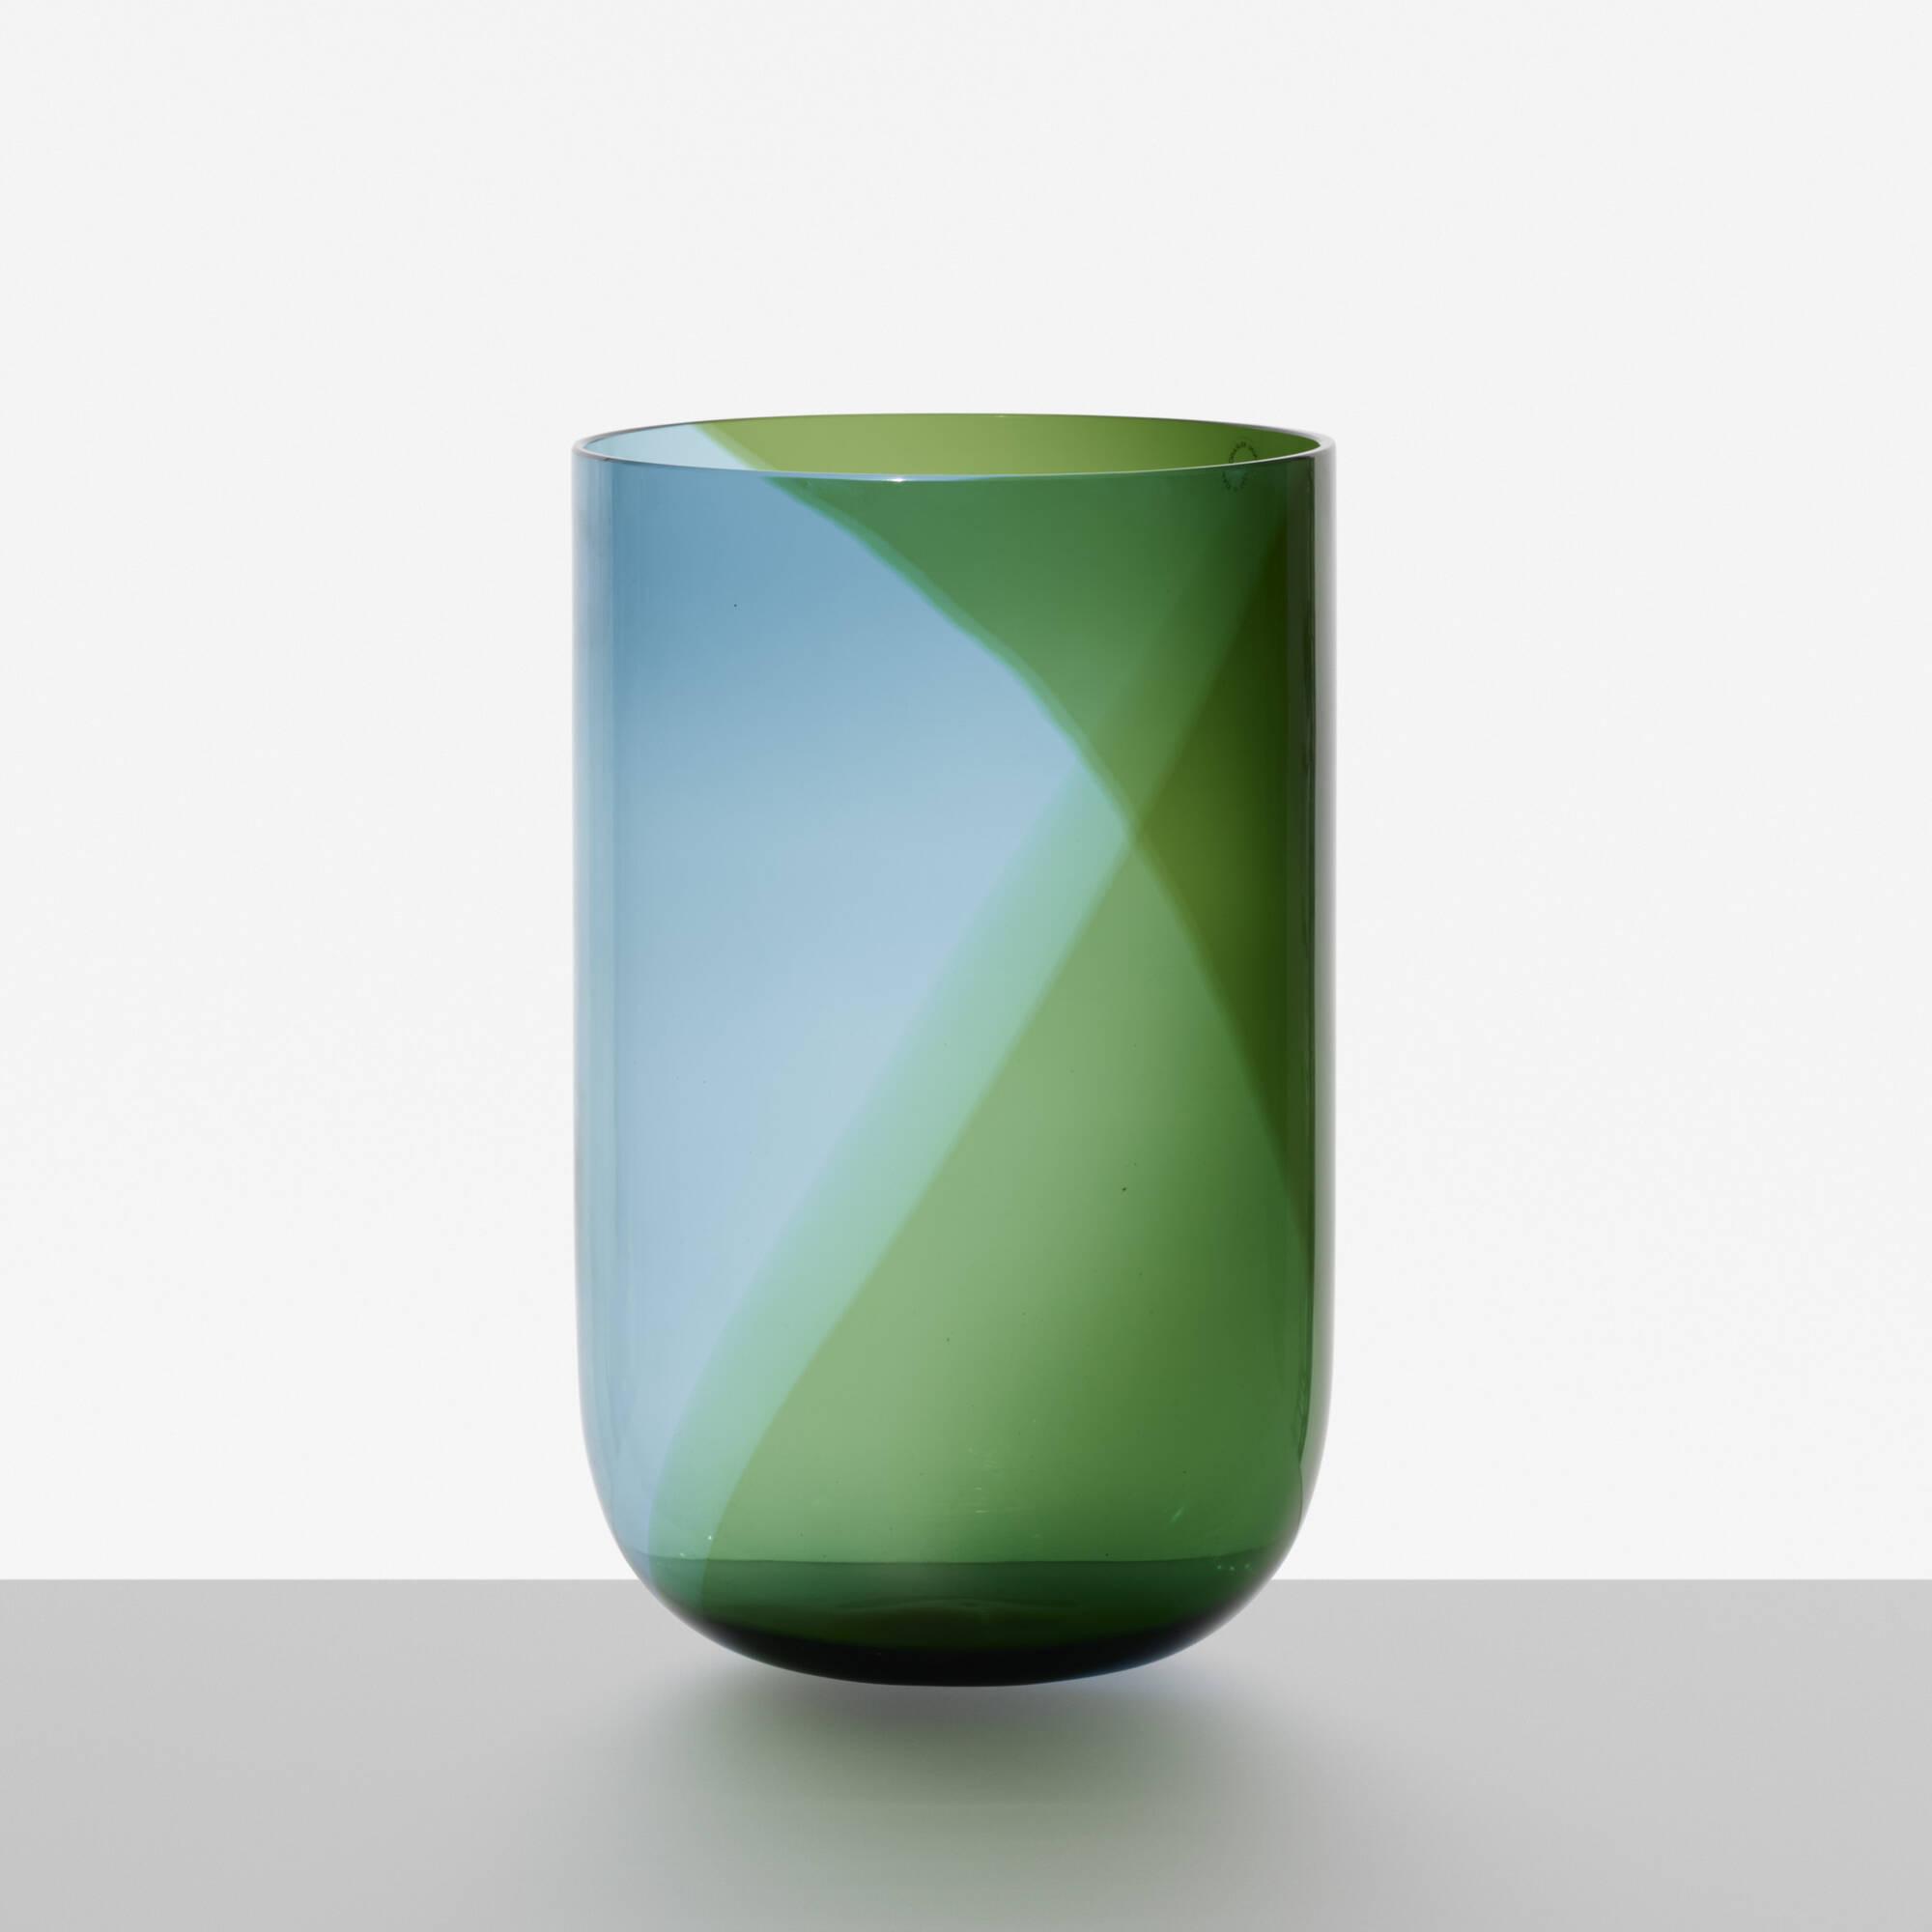 230: Tapio Wirkkala / Coreani vase (1 of 2)